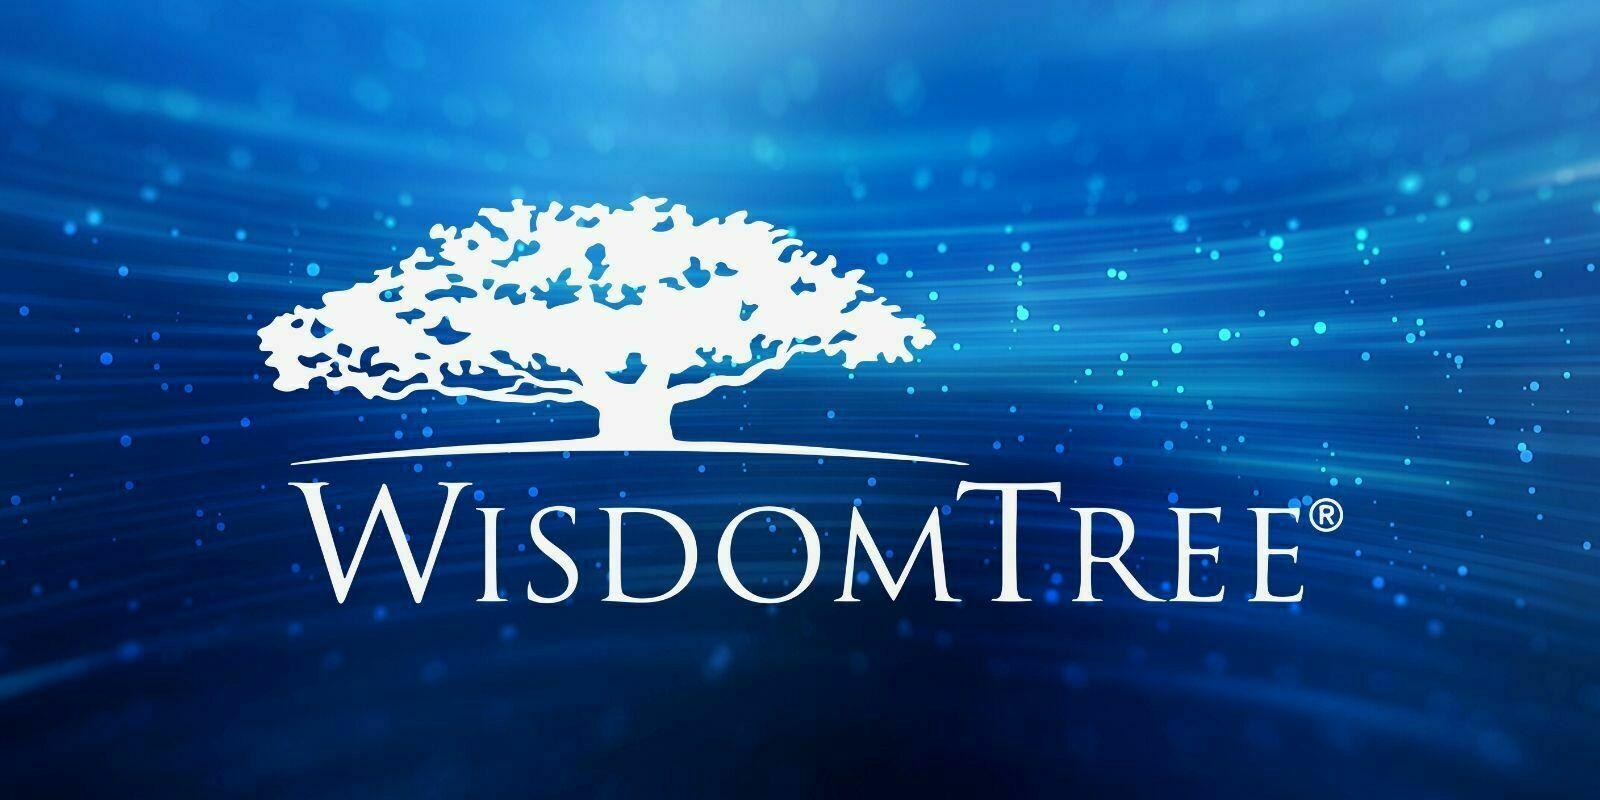 Le géant de l'ETF WisdomTree Investments prévoit de lancer un stablecoin réglementé aux États-Unis